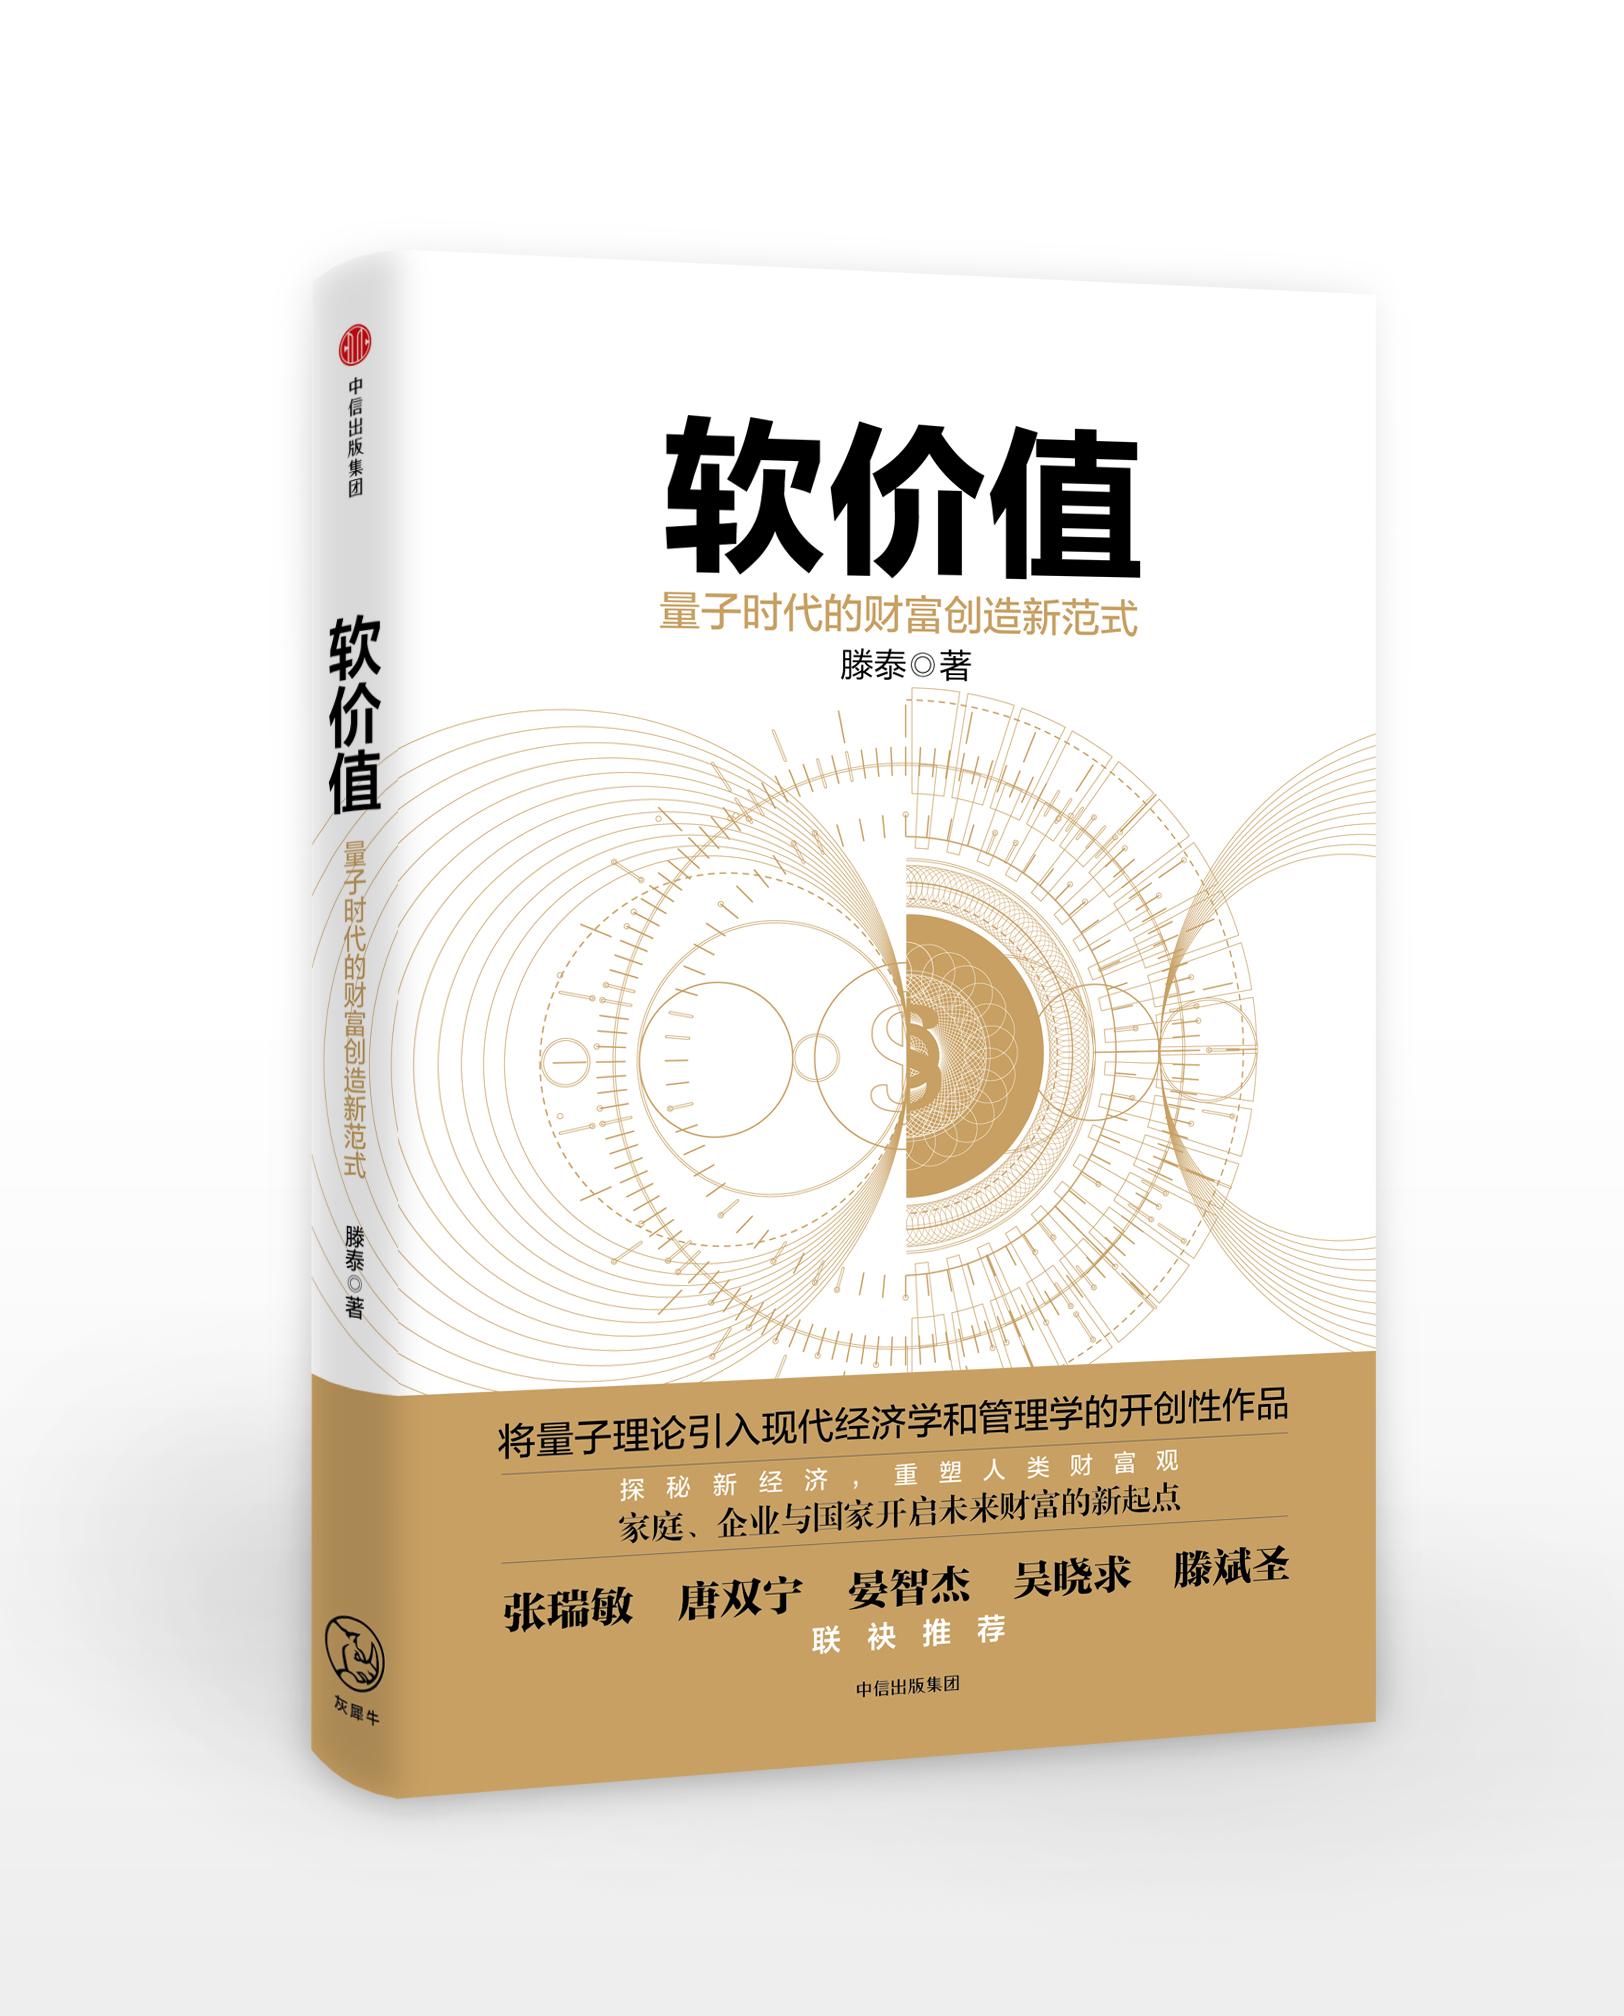 《软价值》 量子时代的财富创造新范式(订全年杂志,免费赠新书) 商品图0